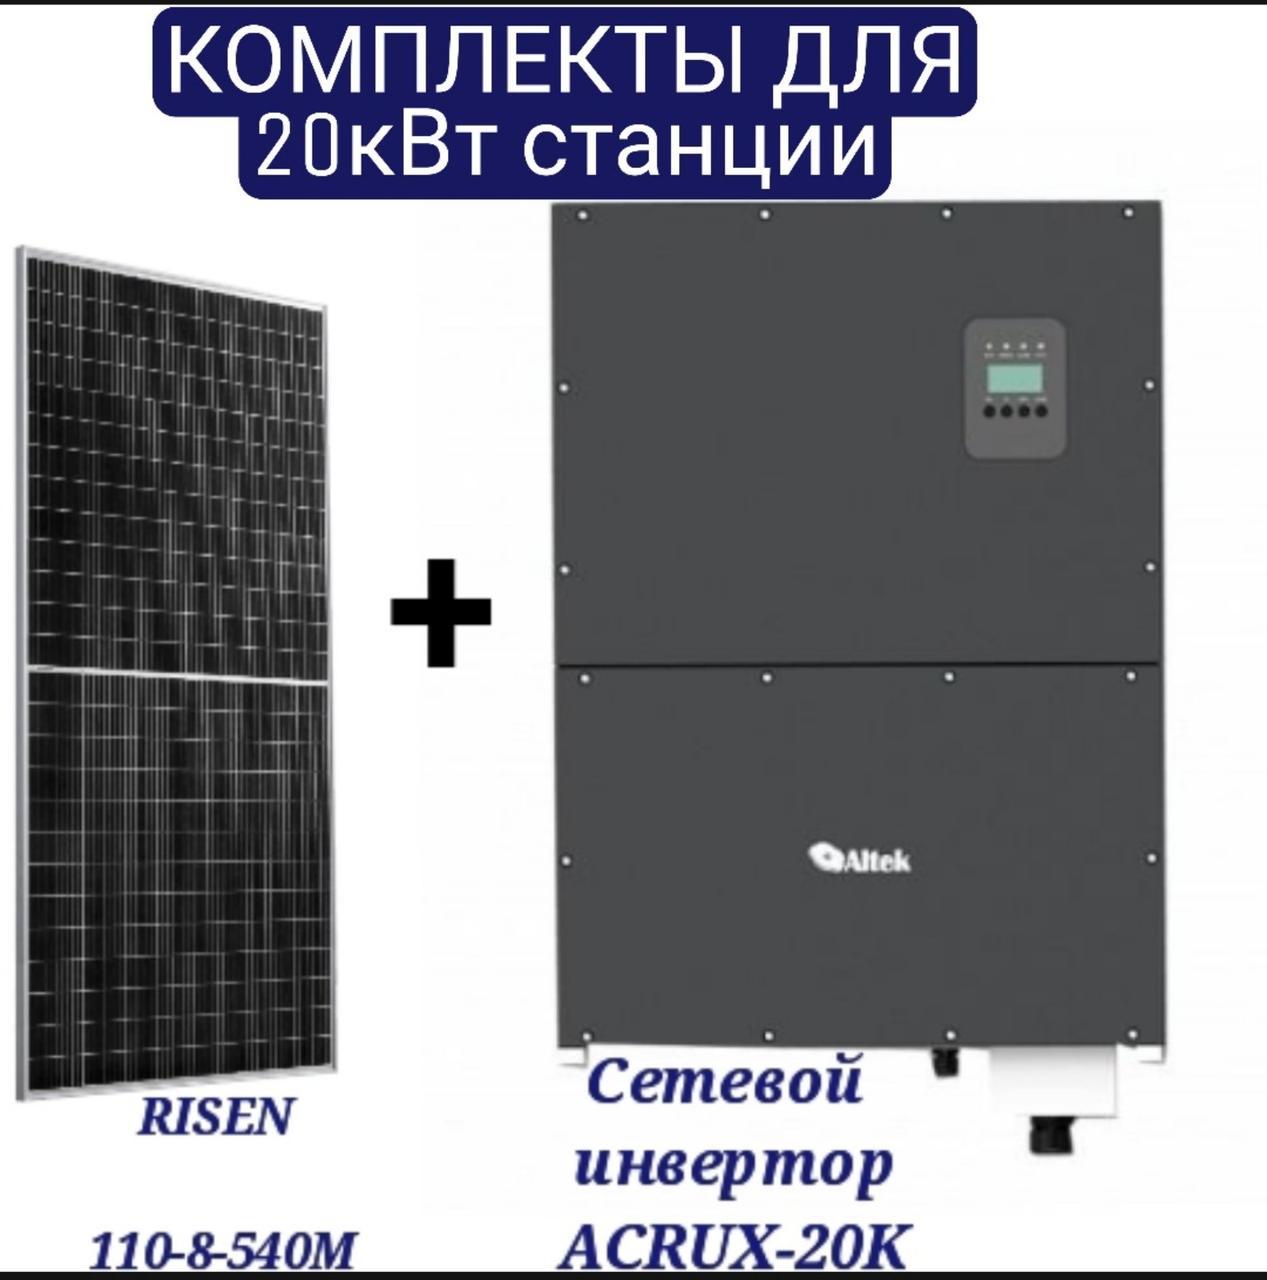 Комплект для сетевой солнечной электростанции 20 кВт (фотомодуль, инвертор,солнечная панель зеленый тариф)